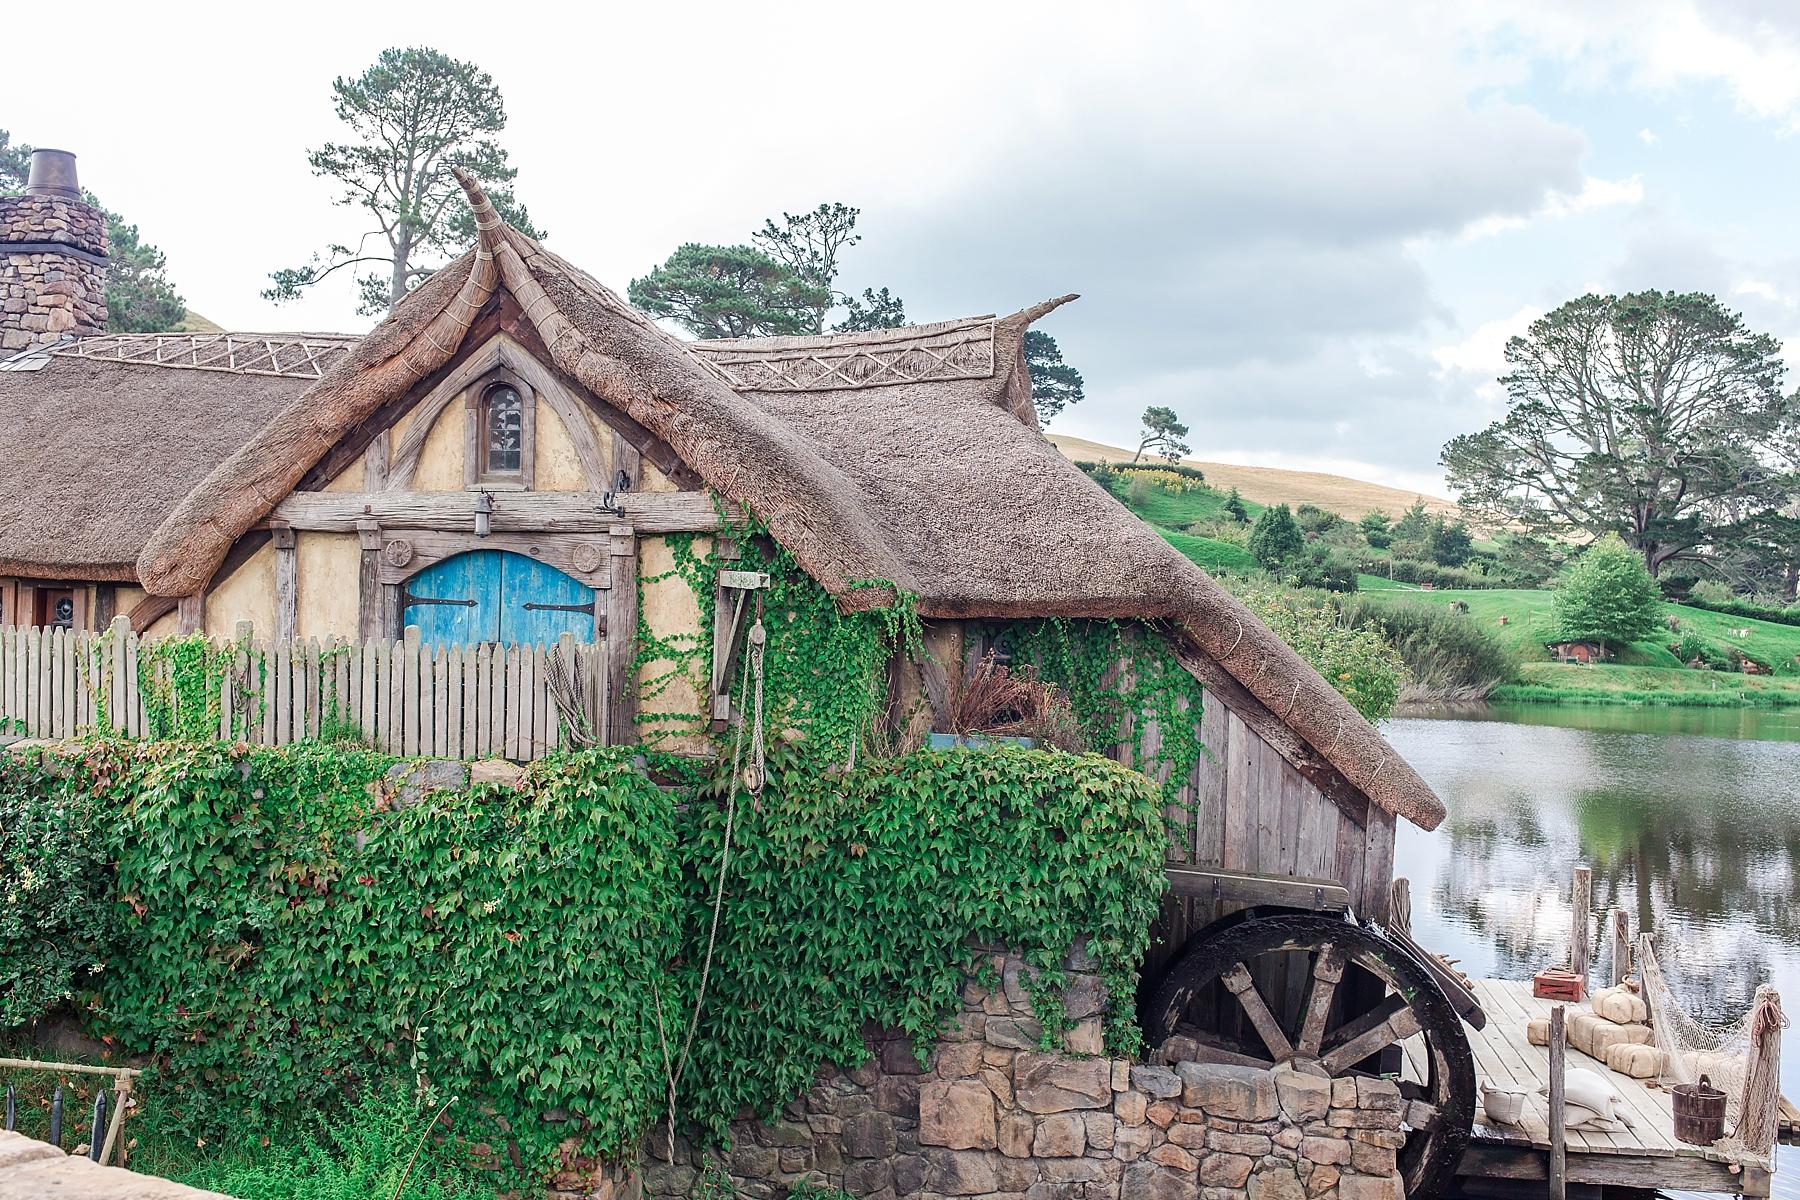 hobbiton-movie-set-matamata-hamilton-north-island-new-zealand-scenery_0263.jpg